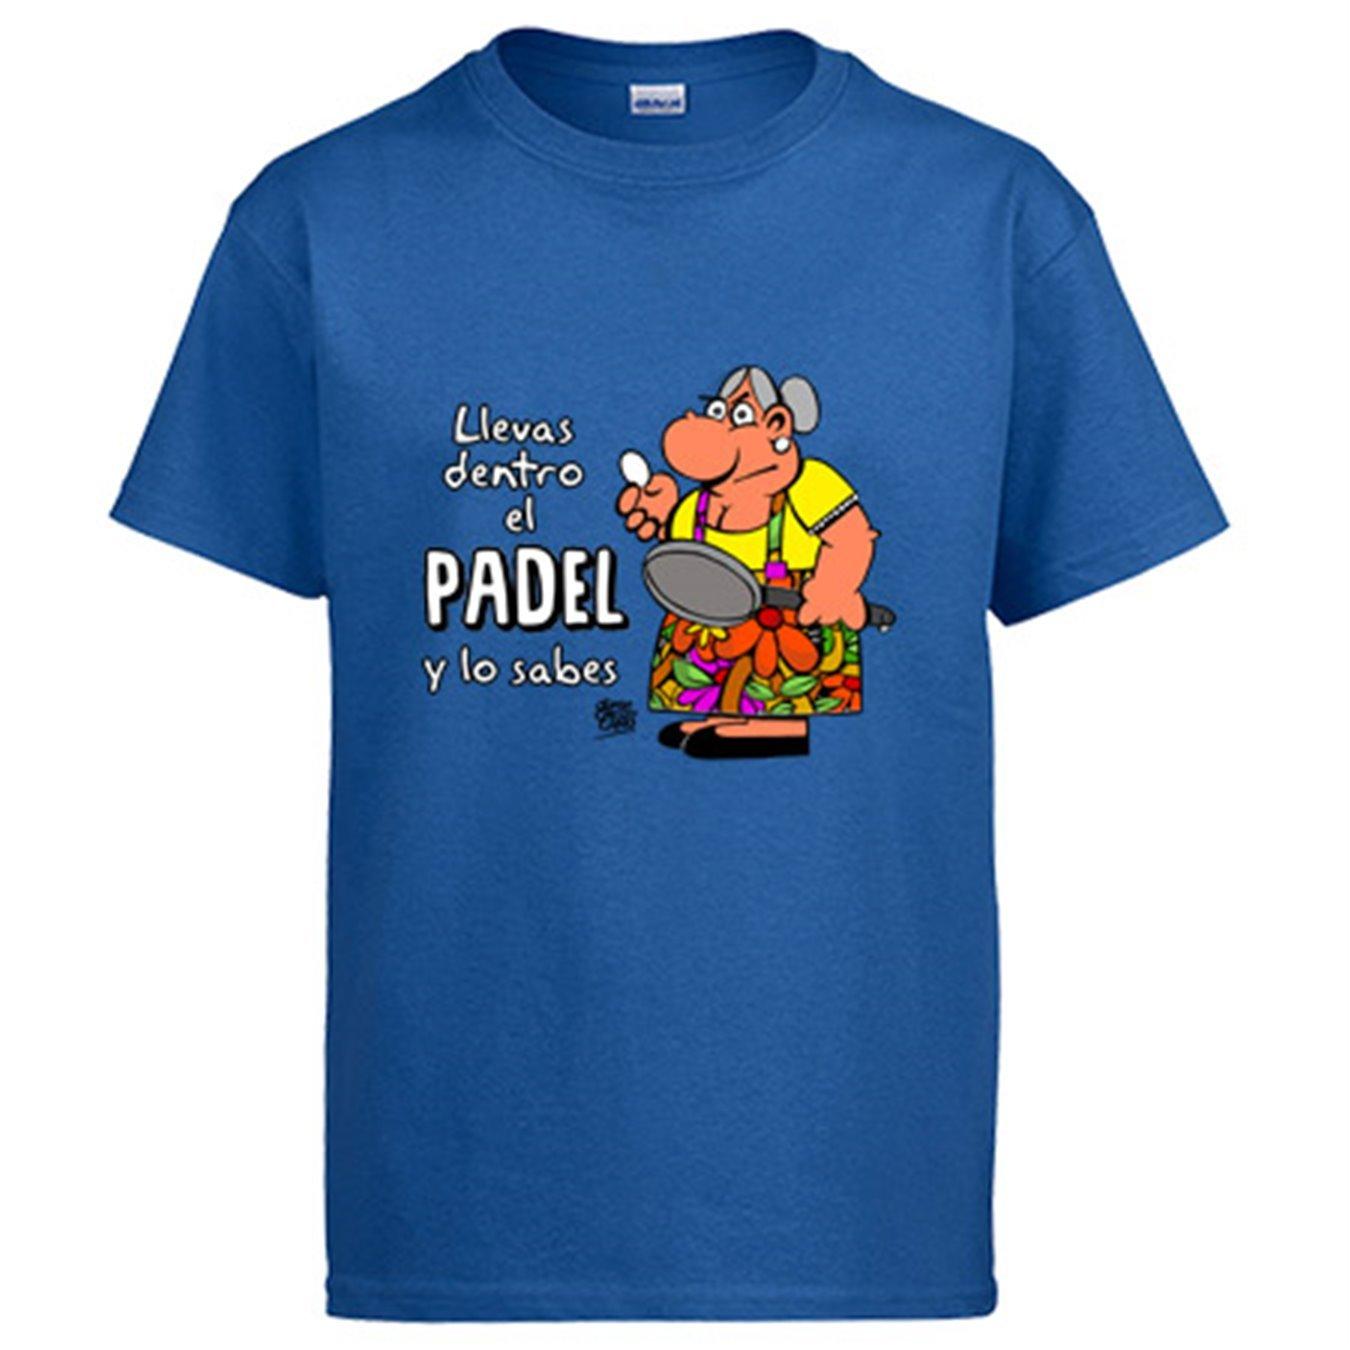 Diver Bebé Camiseta Padel Tenis Llevas Dentro el Padel y lo Sabes ...